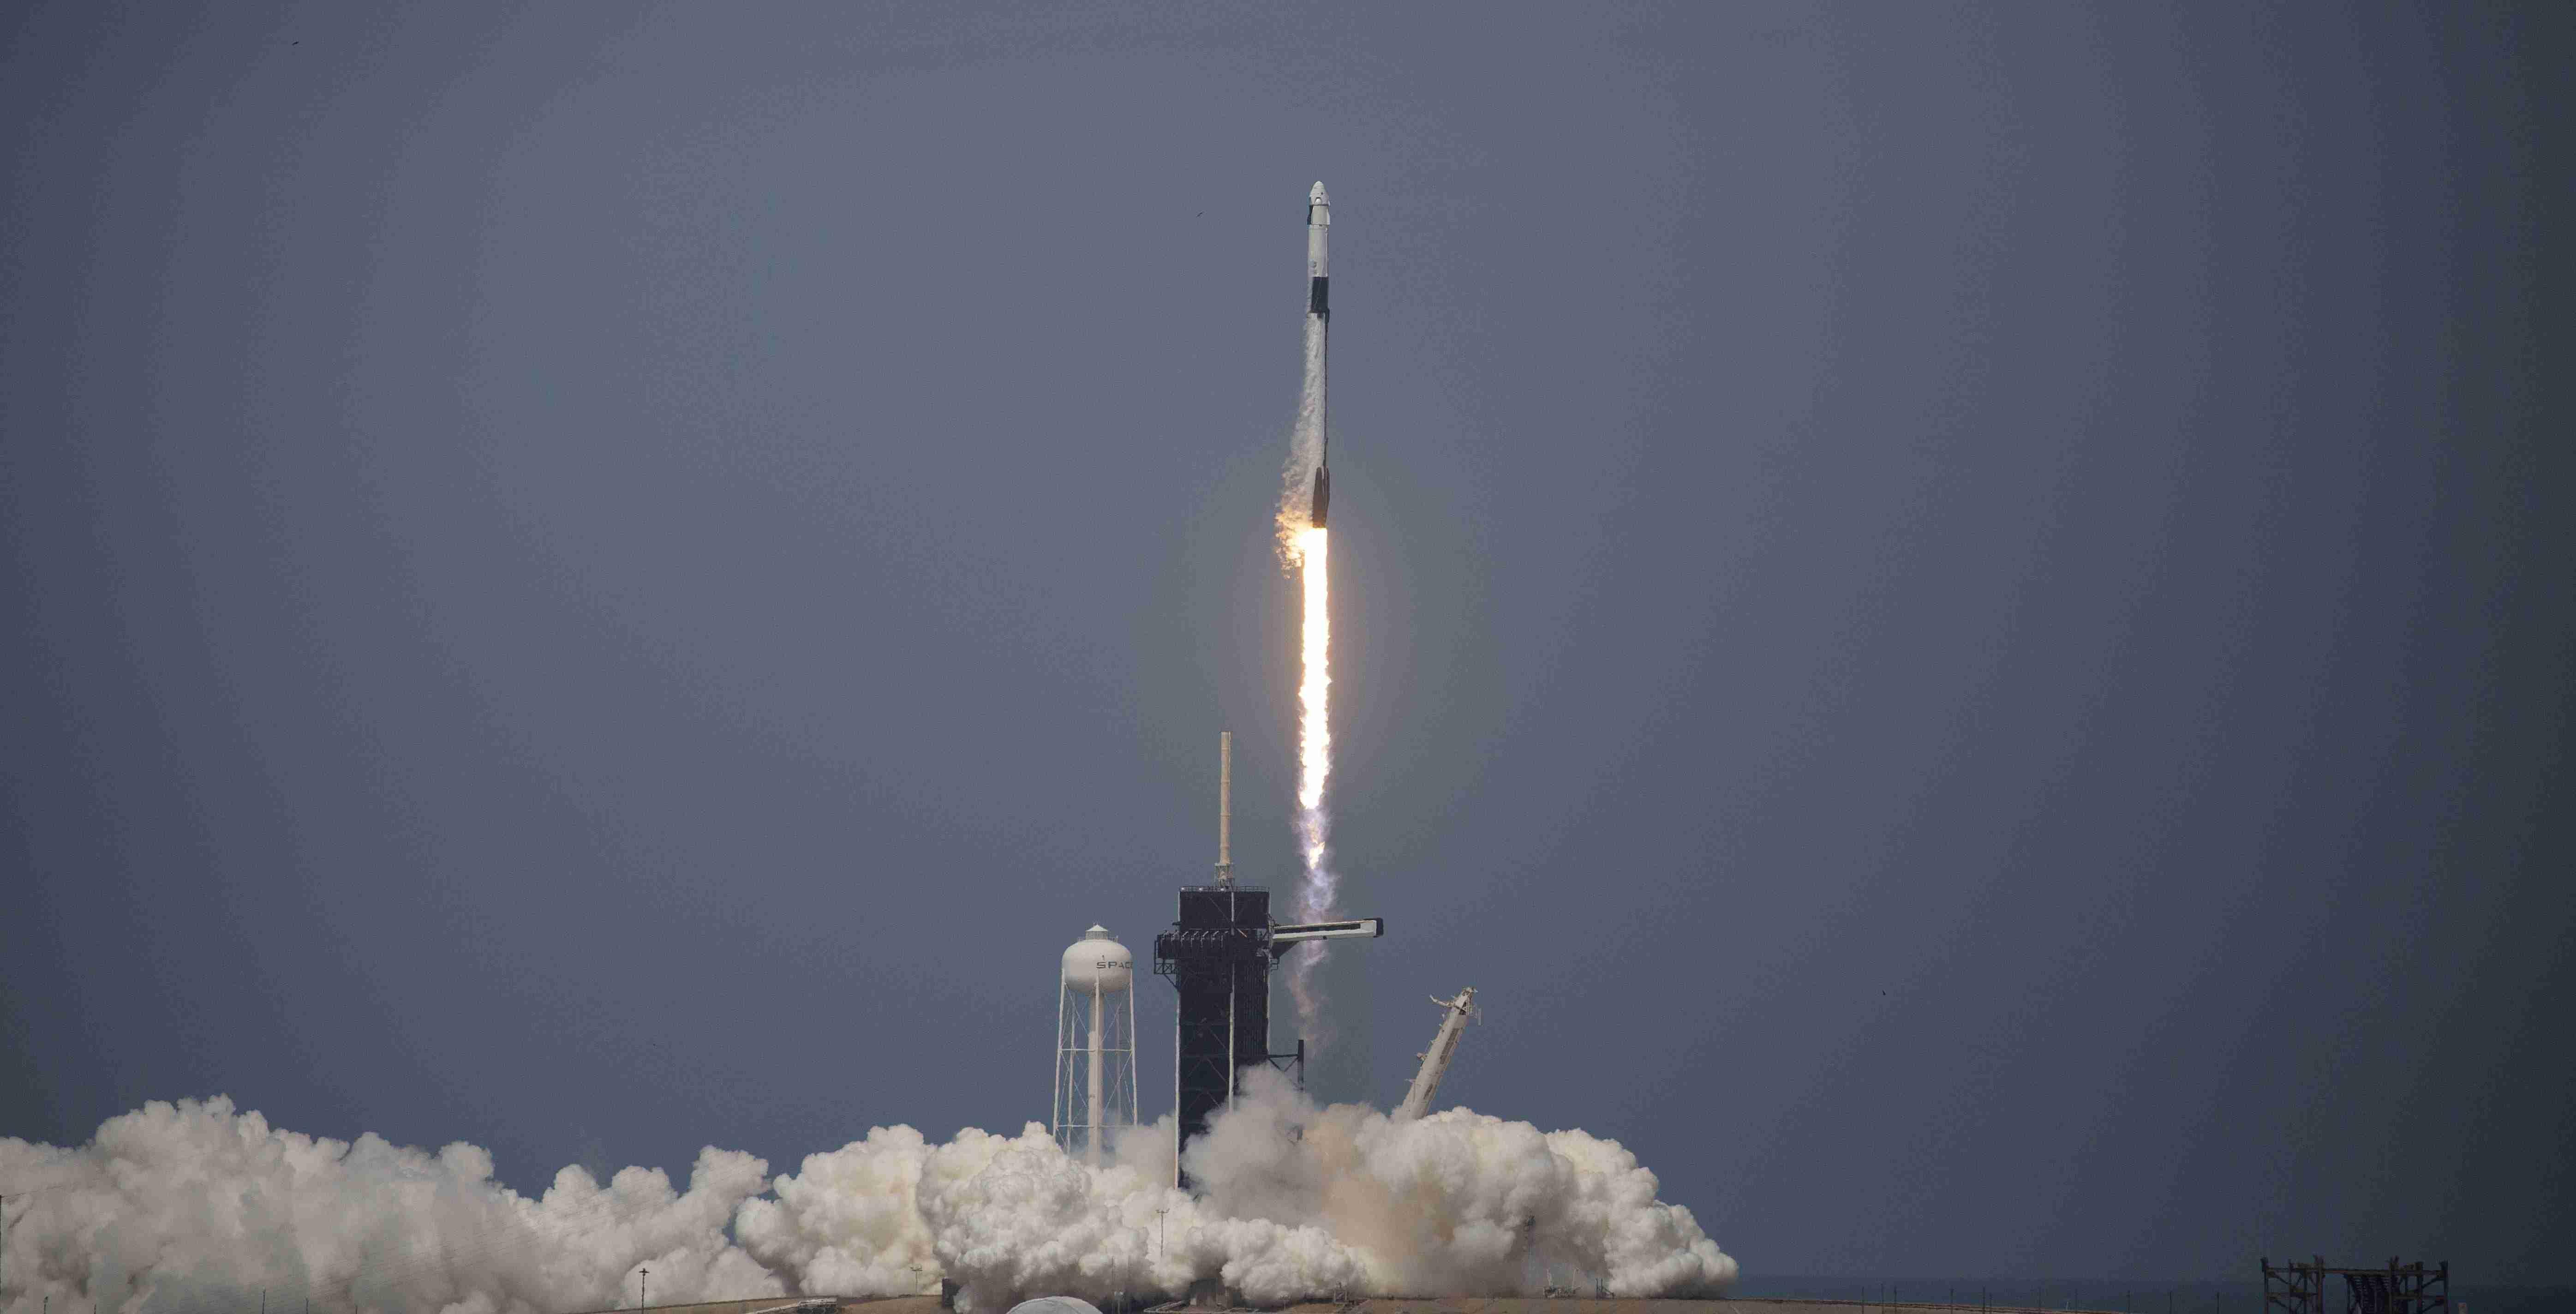 SpaceX despegó con éxito en su segundo intento